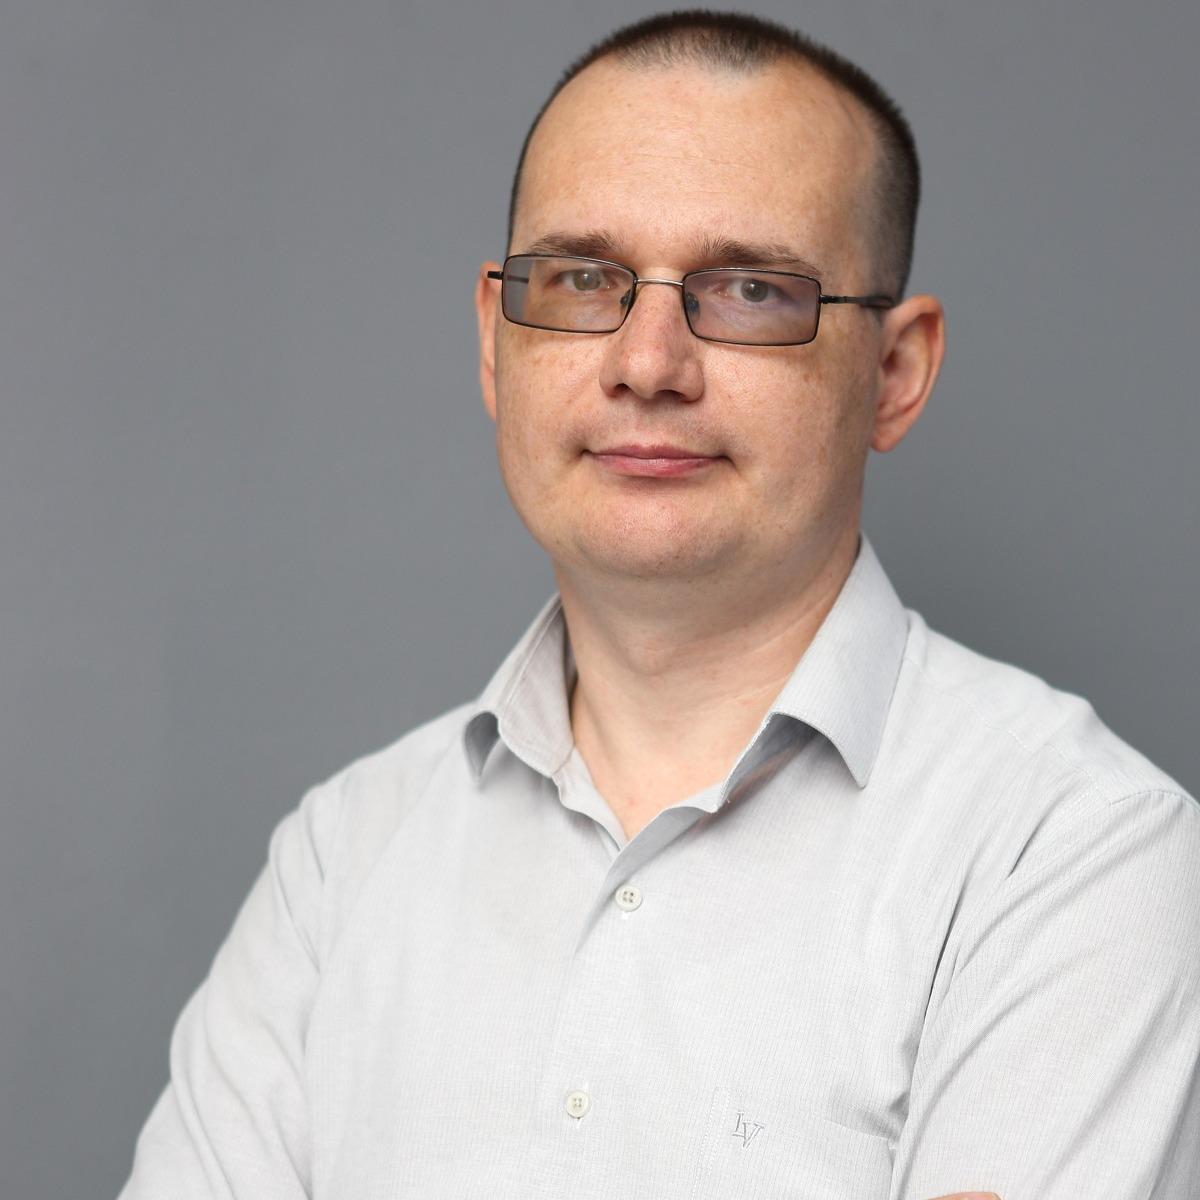 Vitaly Schmidt